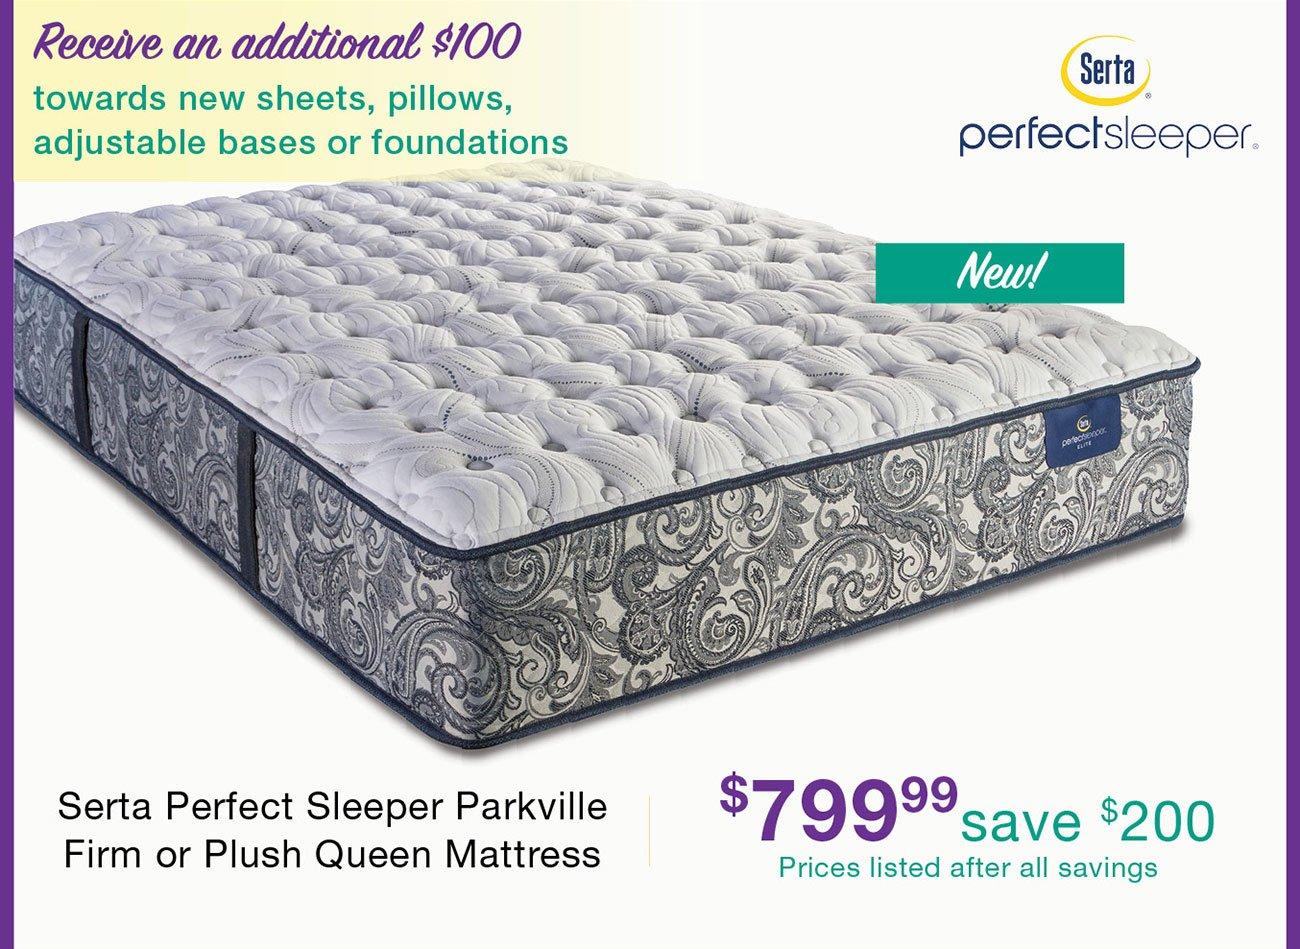 Serta-parkville-queen-mattress